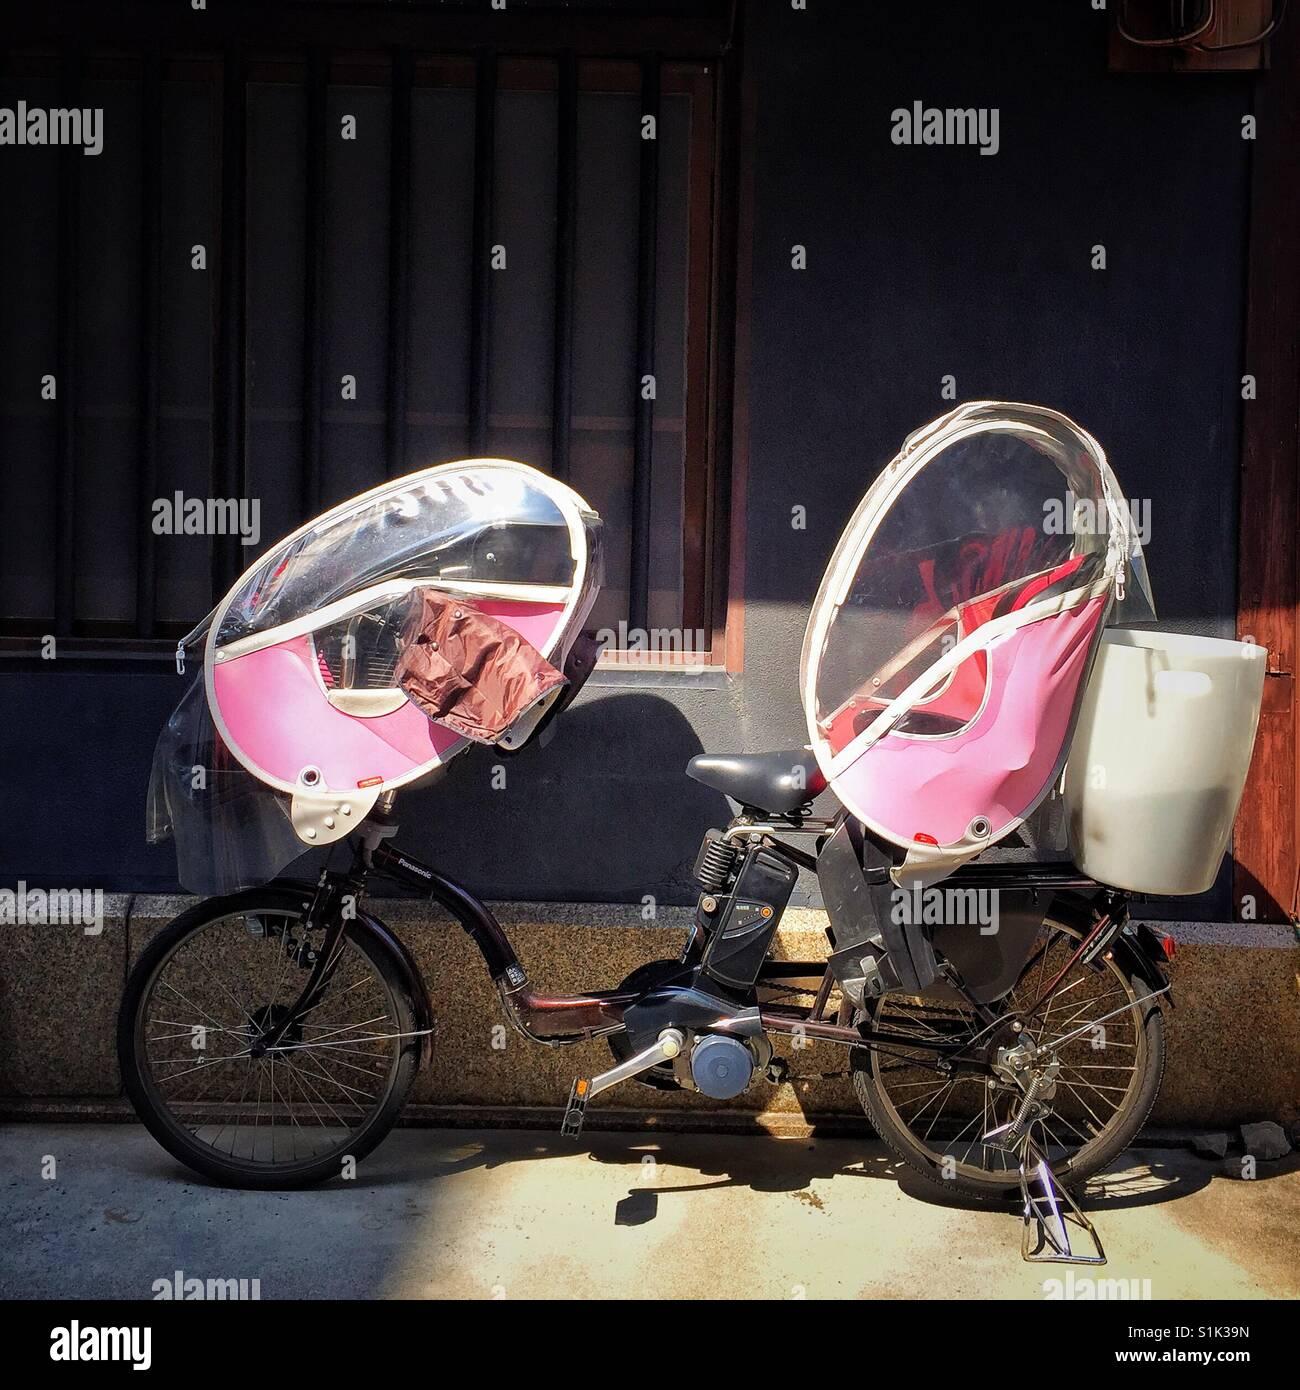 Straße Fahrrad mit zwei rosa überdachte Kindersitze vorne und hinten im Wohngebiet des Kyoto-Protokolls Stockbild